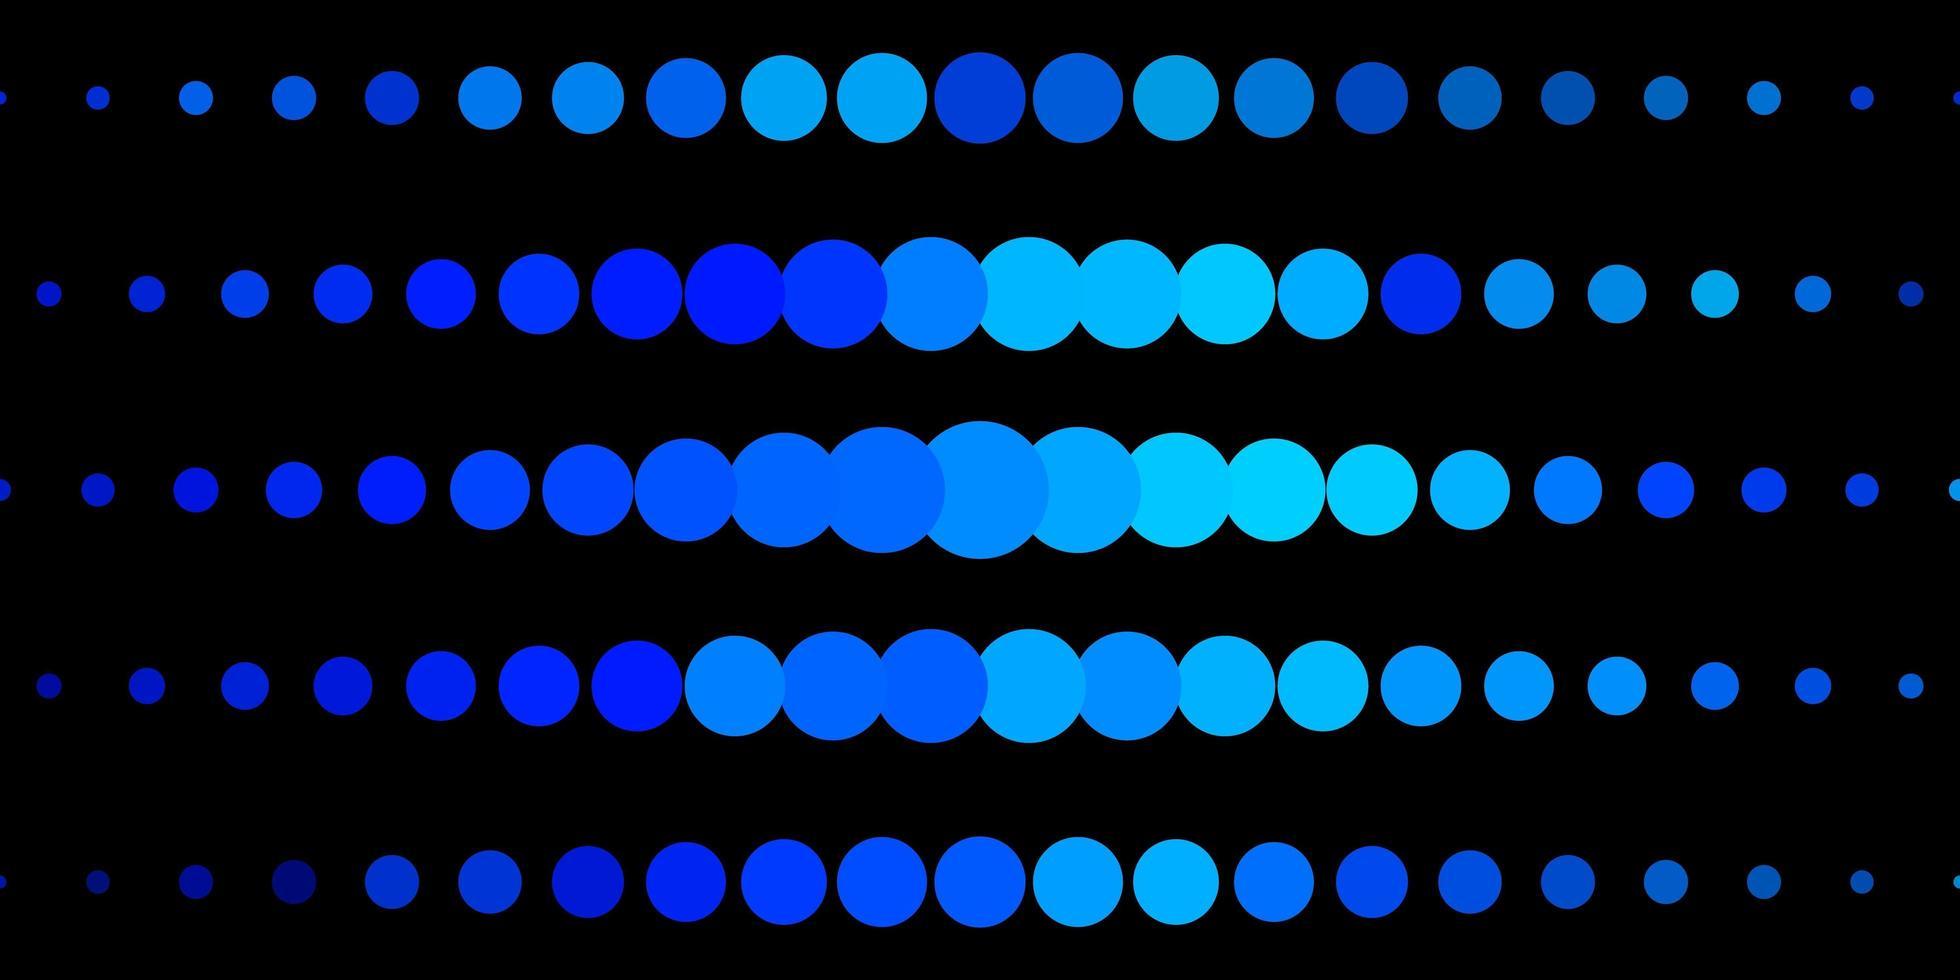 ljusblå vektor konsistens med cirklar